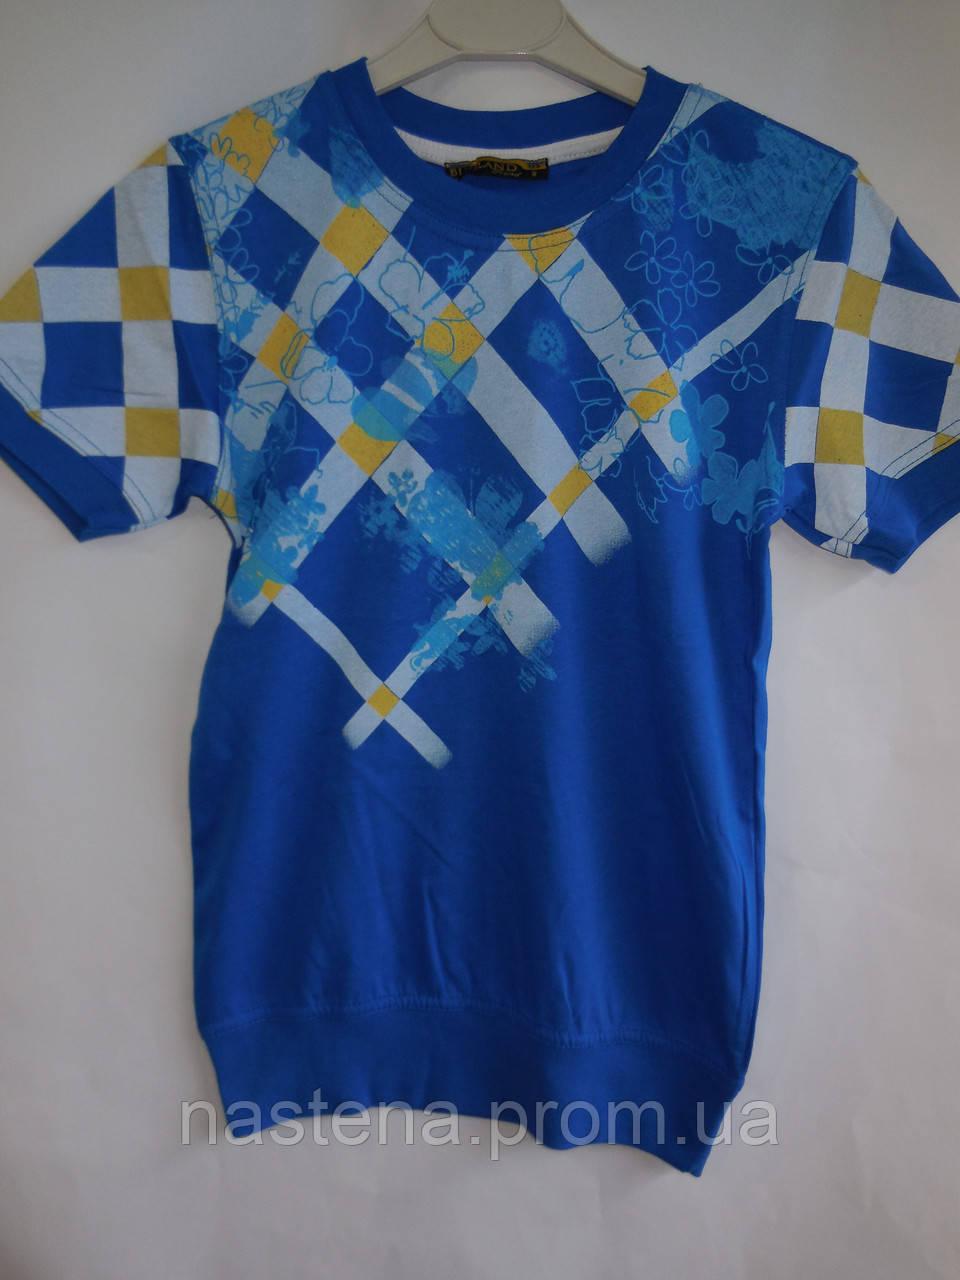 Летняя подростковая футболка для мальчиков BLUELAND